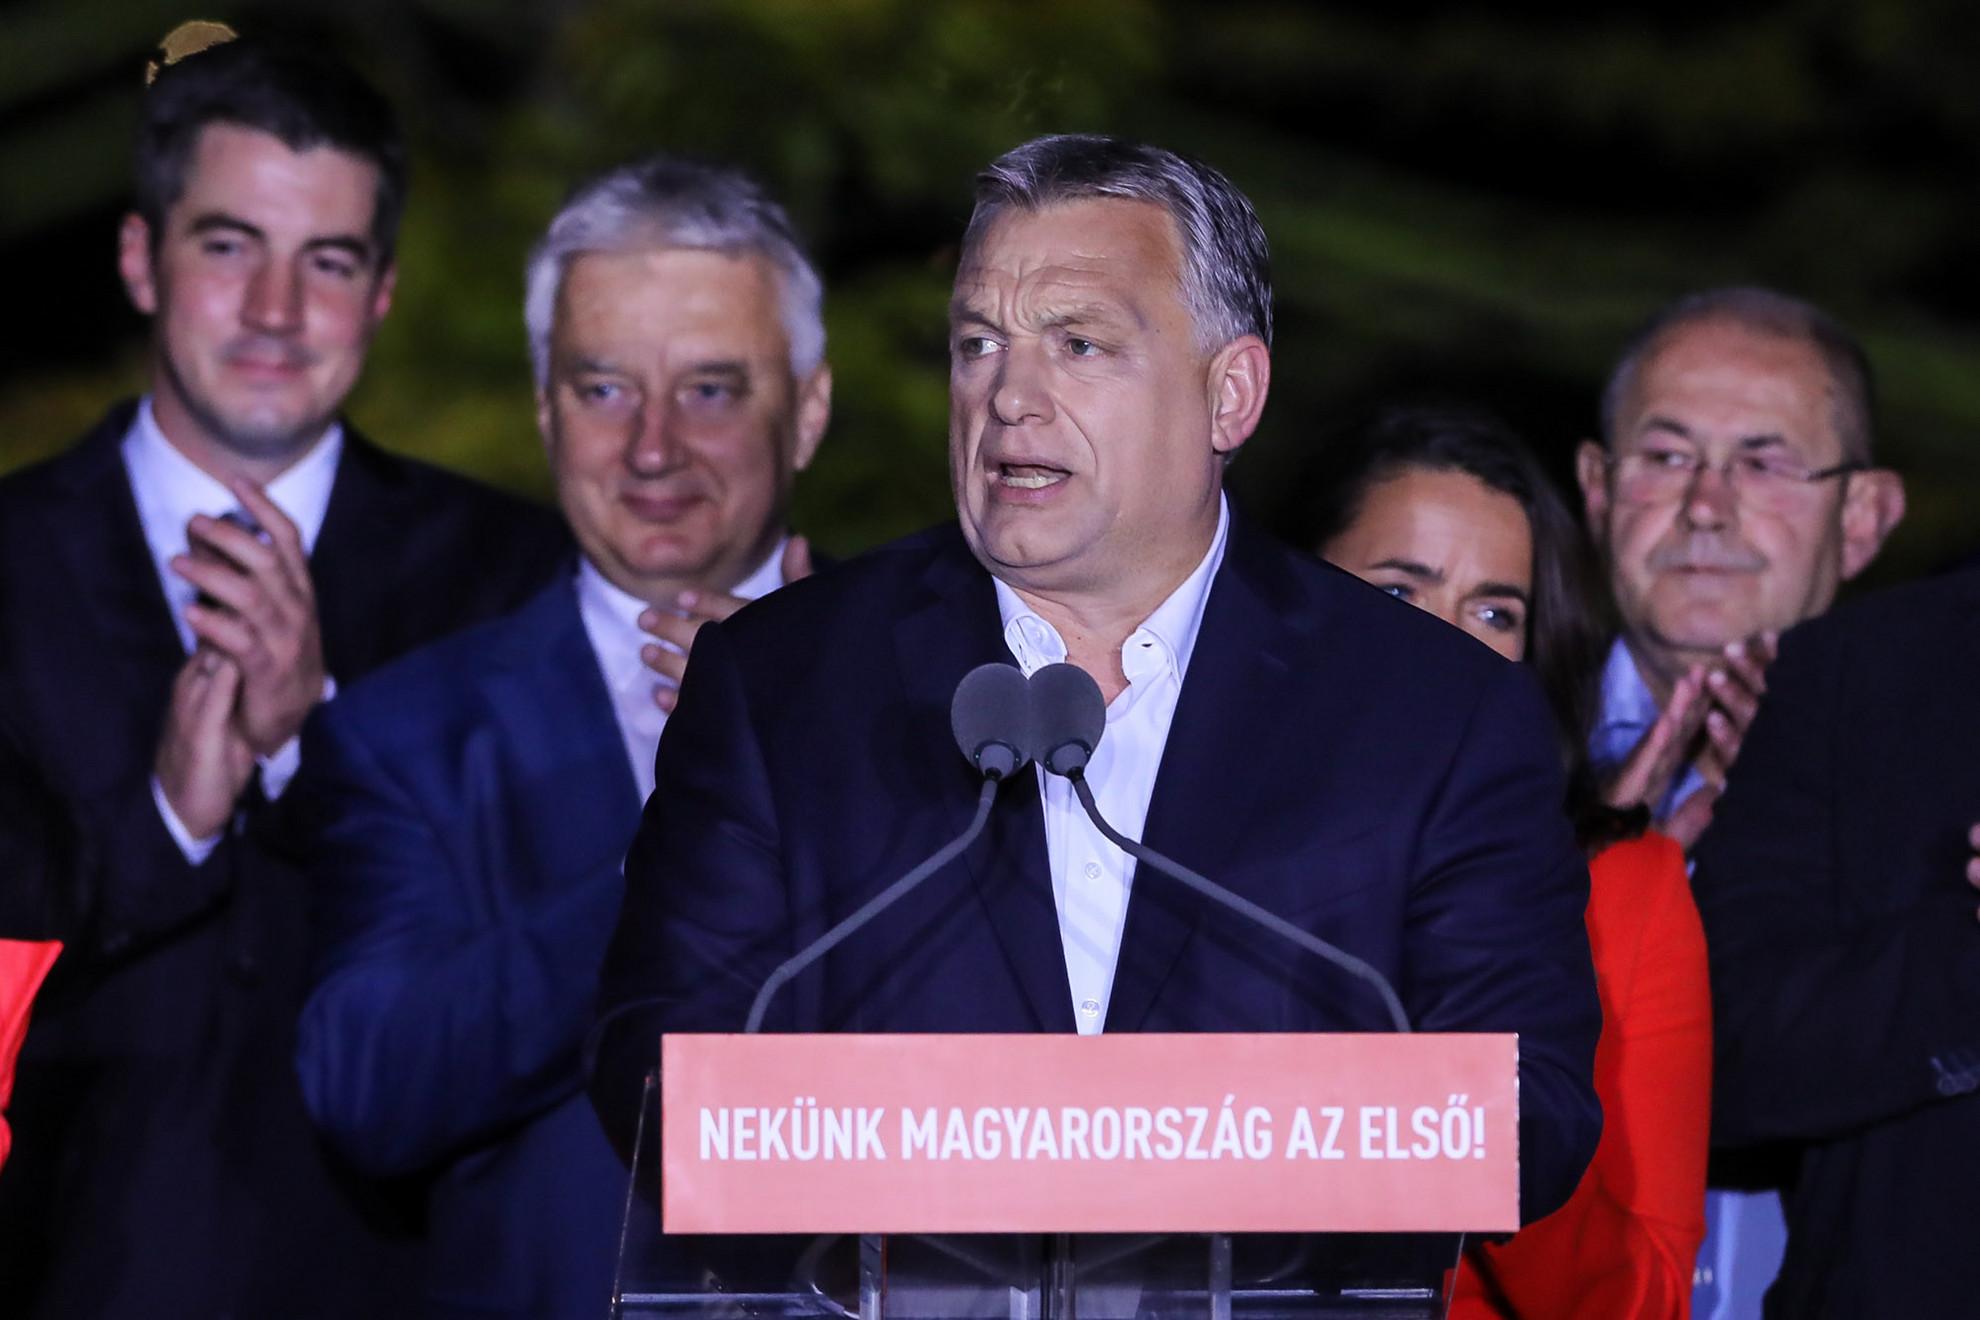 A magyar kormány az emberektől ismét erős felhatalmazást kapott, hogy Brüsszelben a változást képviselje – közölte a miniszterelnök a Bálna épülete előtt